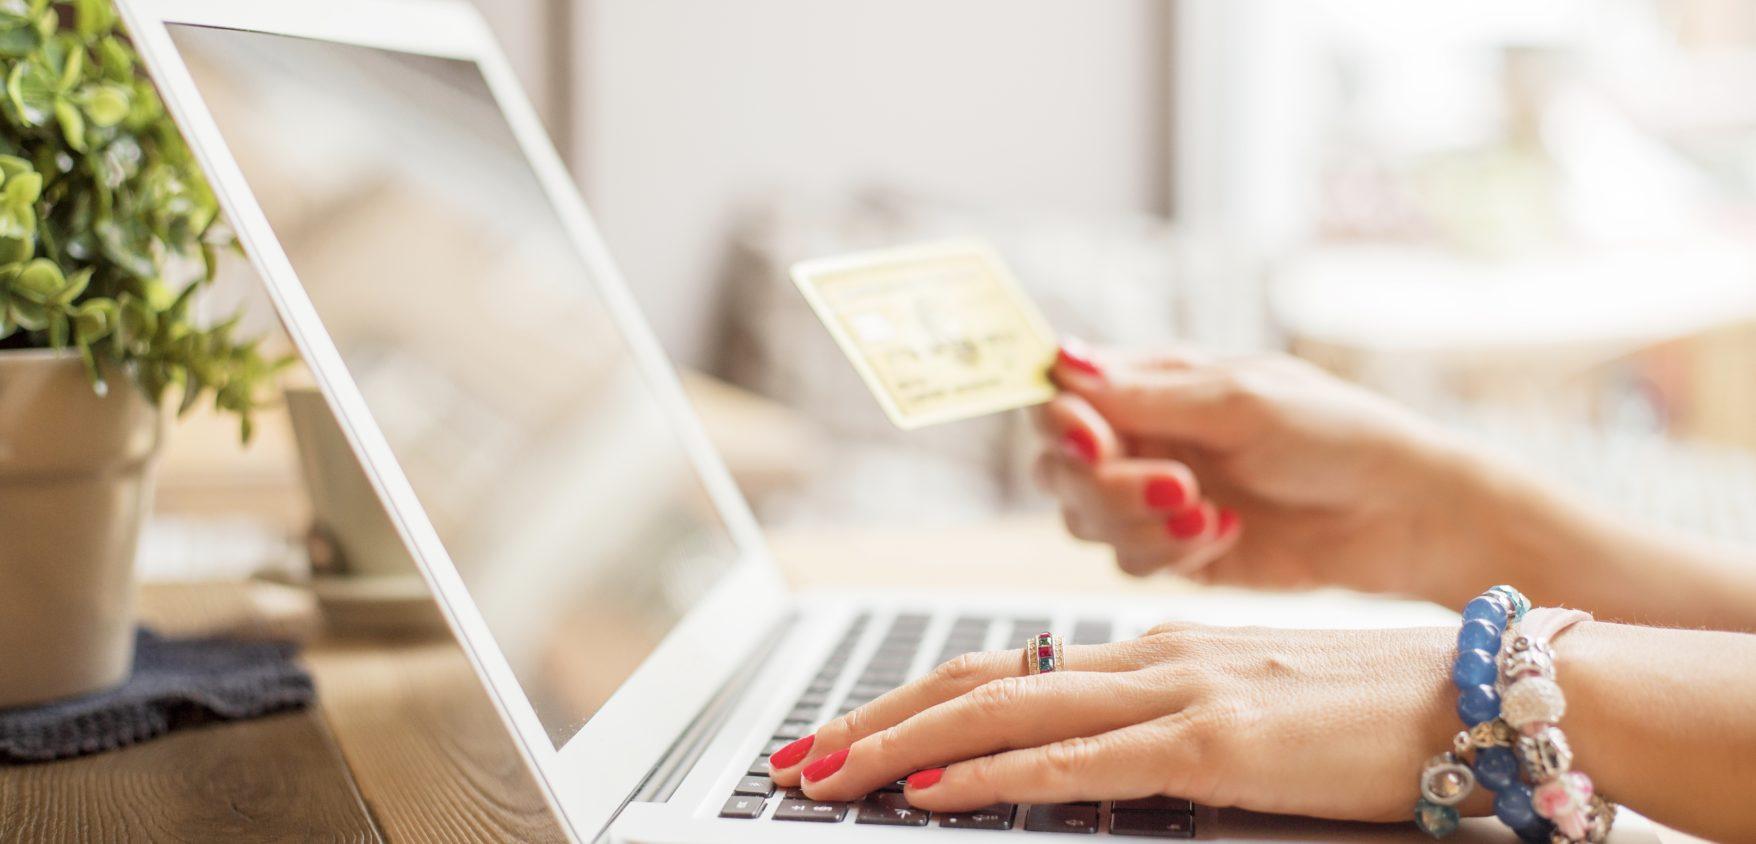 Näthandel – Hur man hittar de bästa erbjudandena